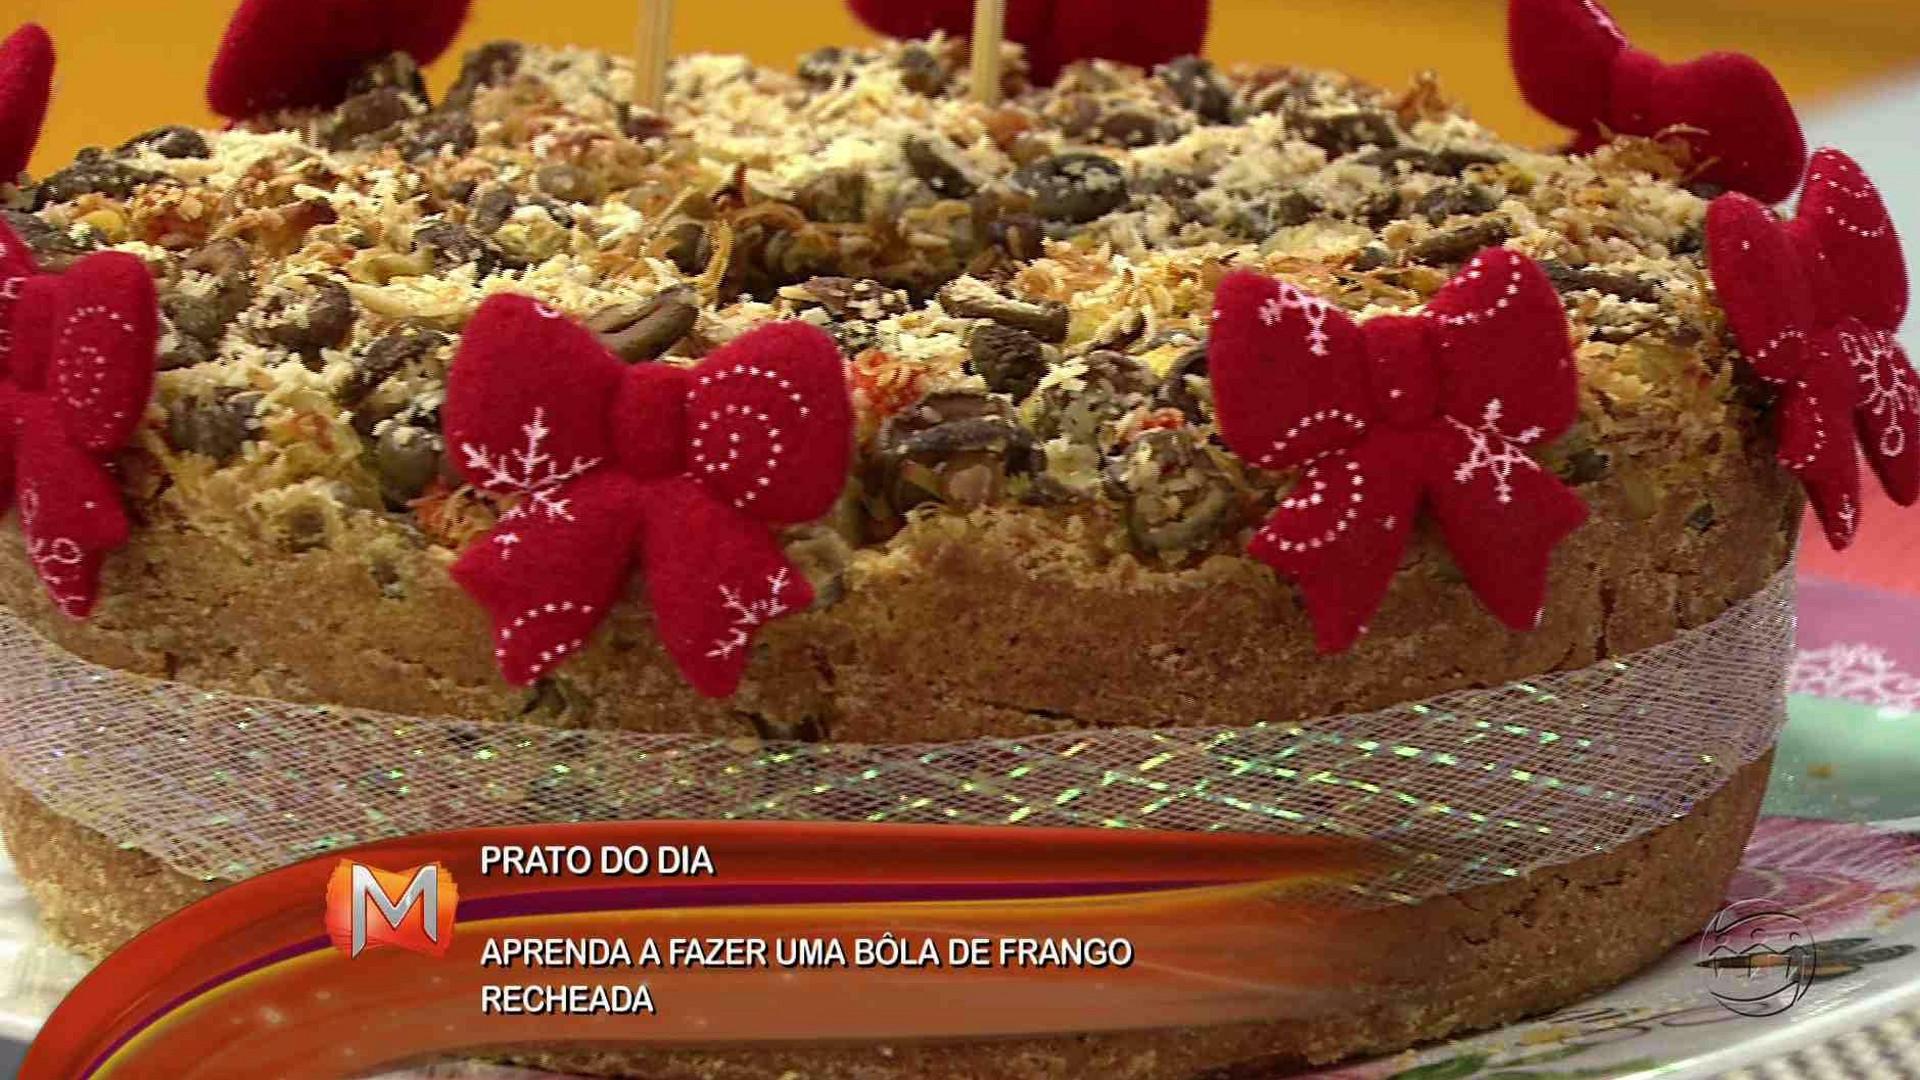 CULINÁRIA: APRENDA A FAZER BOLA DE FRANGO - Magazine 16/11/17